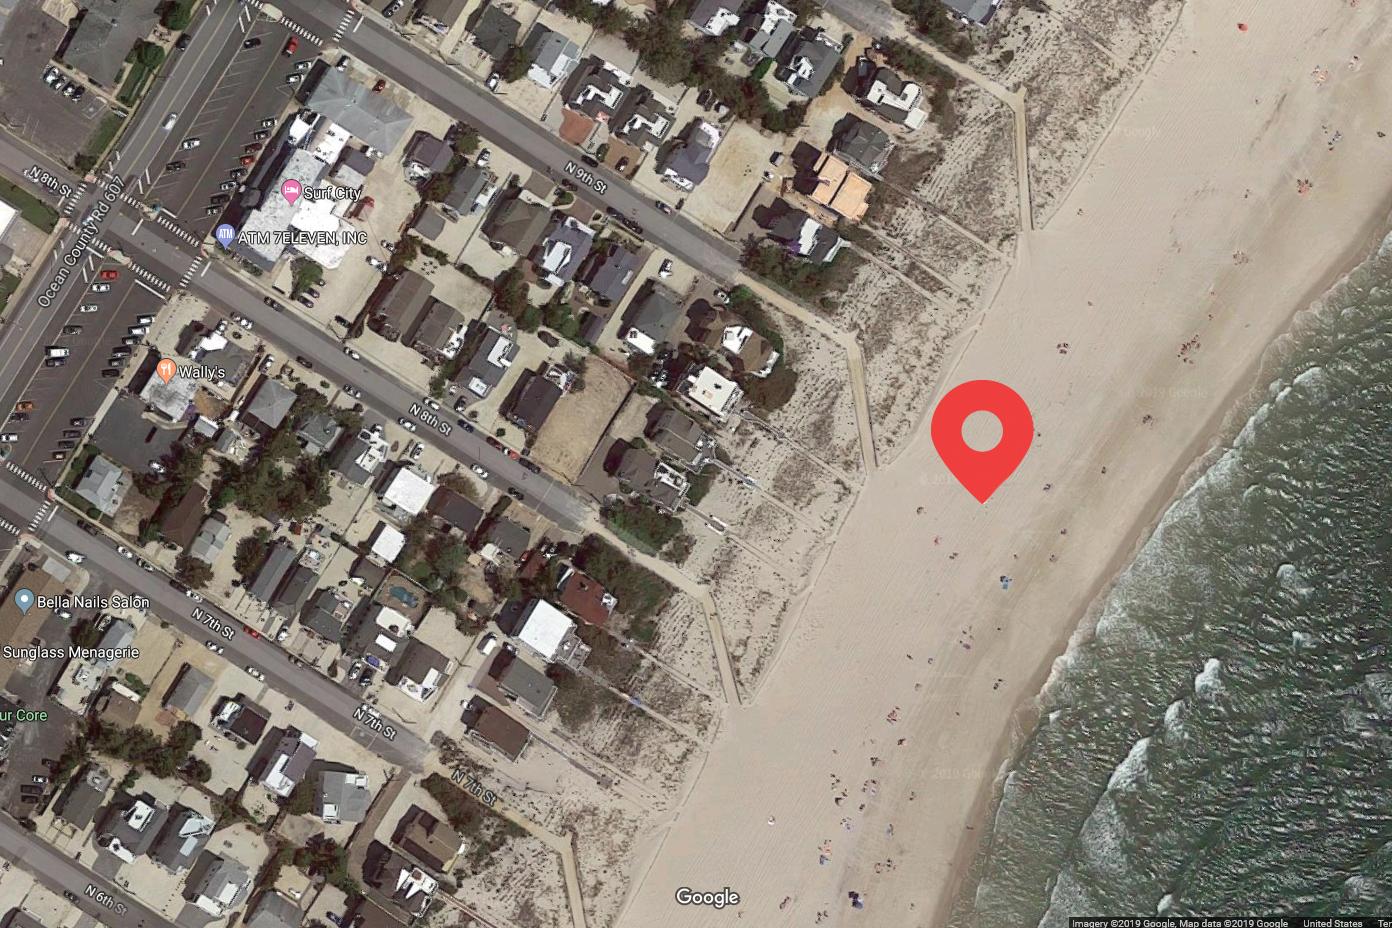 LBI-Surf-City-Location-001.jpg